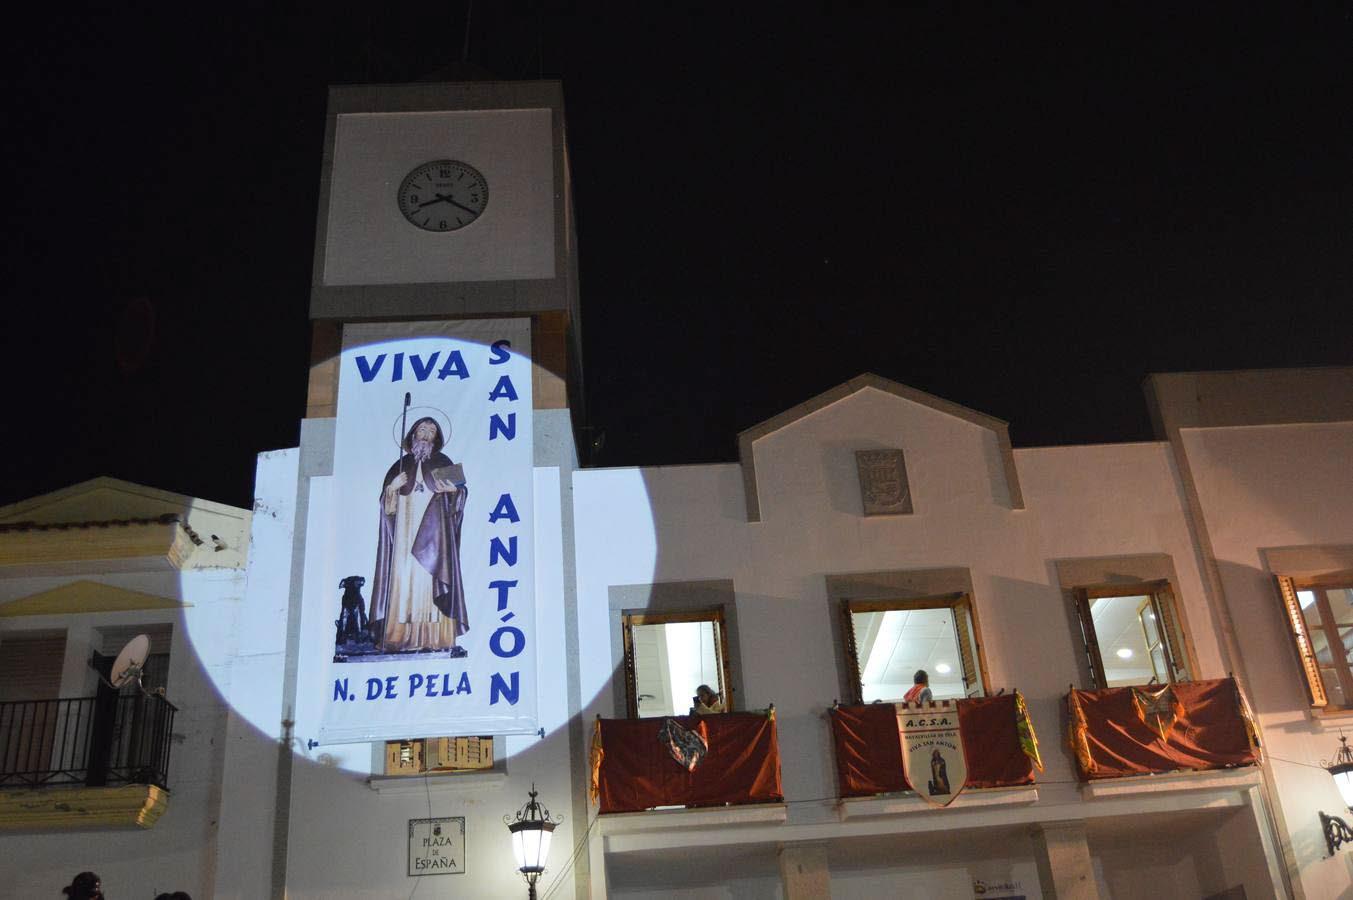 Navalvillar de Pela marca 30, 1 grados y registra la temperatura máxima de España a medianoche